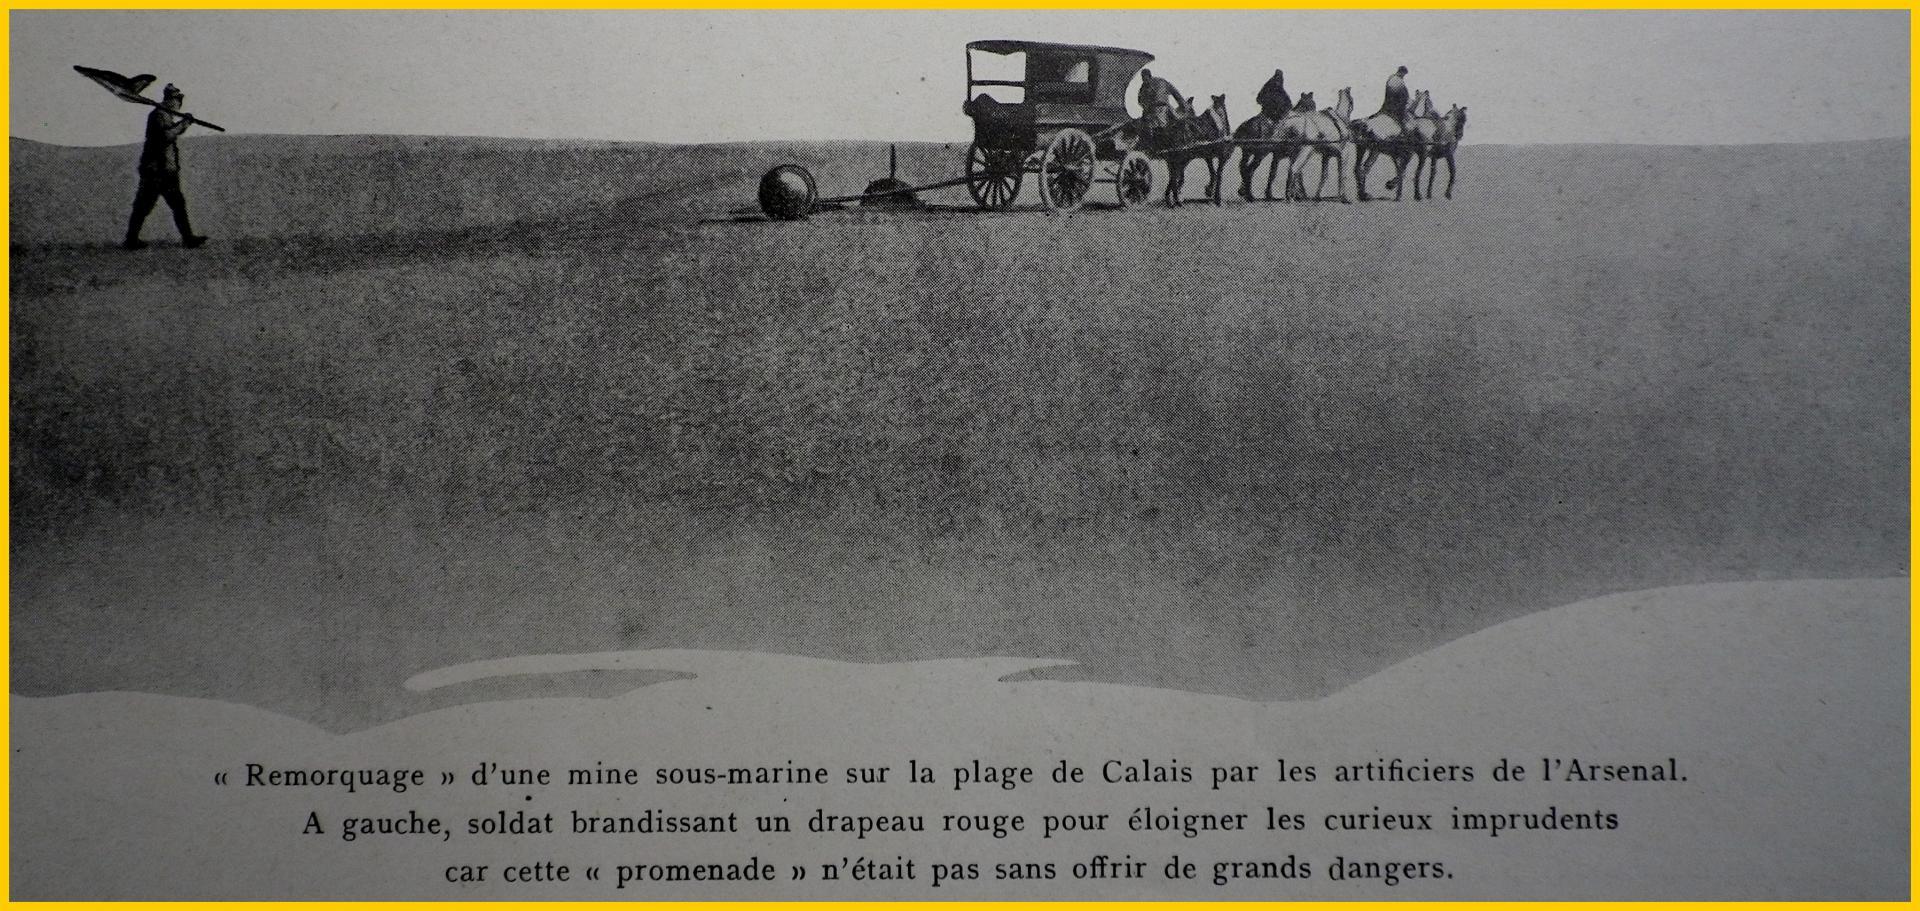 Calais 14 18 remorquage d une mine sous marine plage de calais encadre